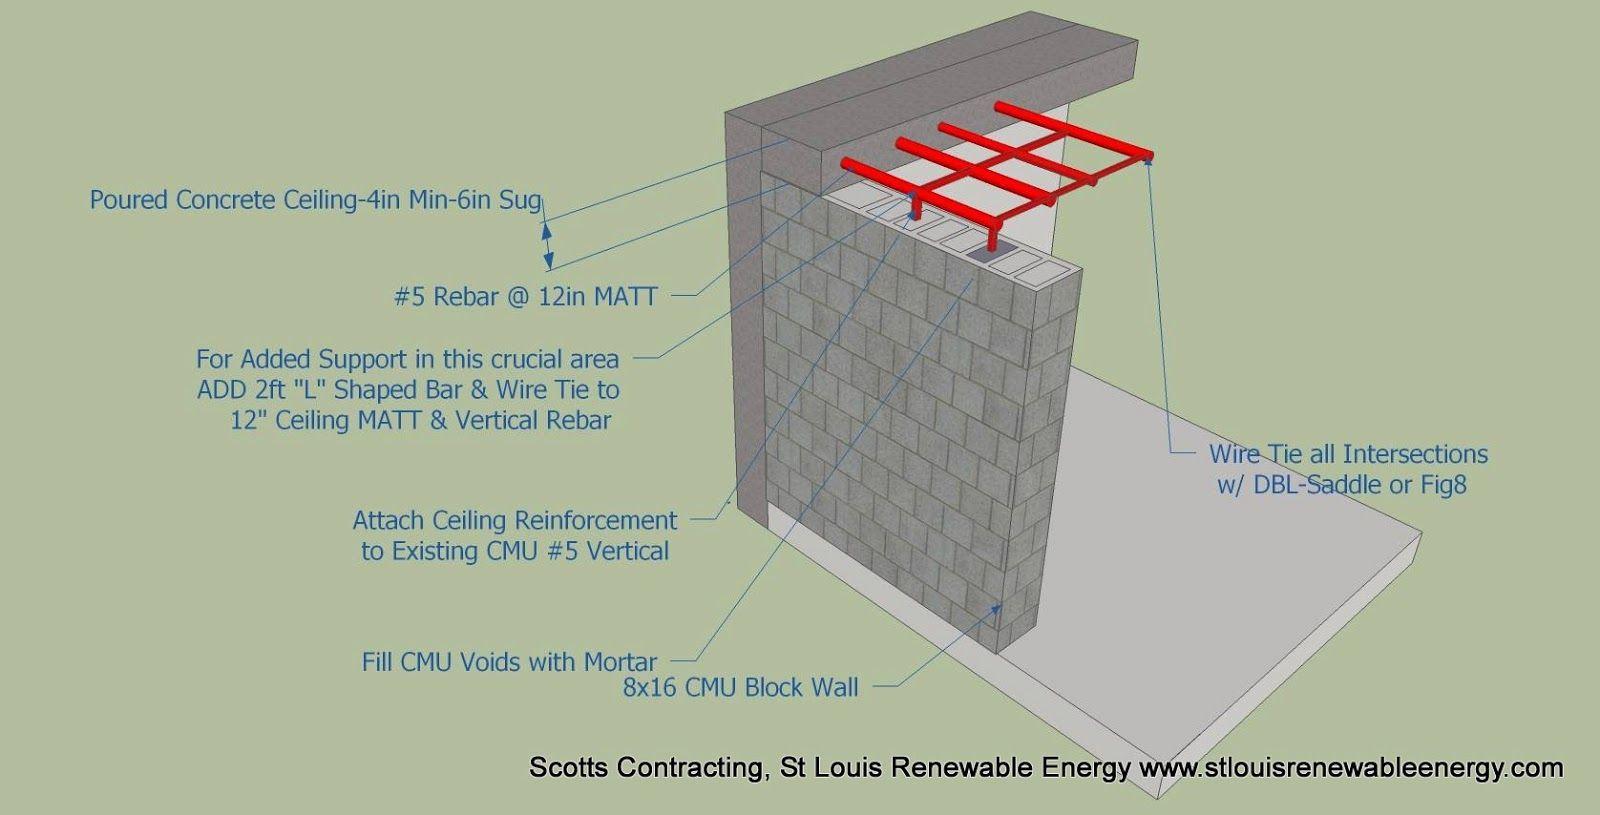 Tornado Safe Room Design Safe Room Concrete Ceiling Tornado Safe Room